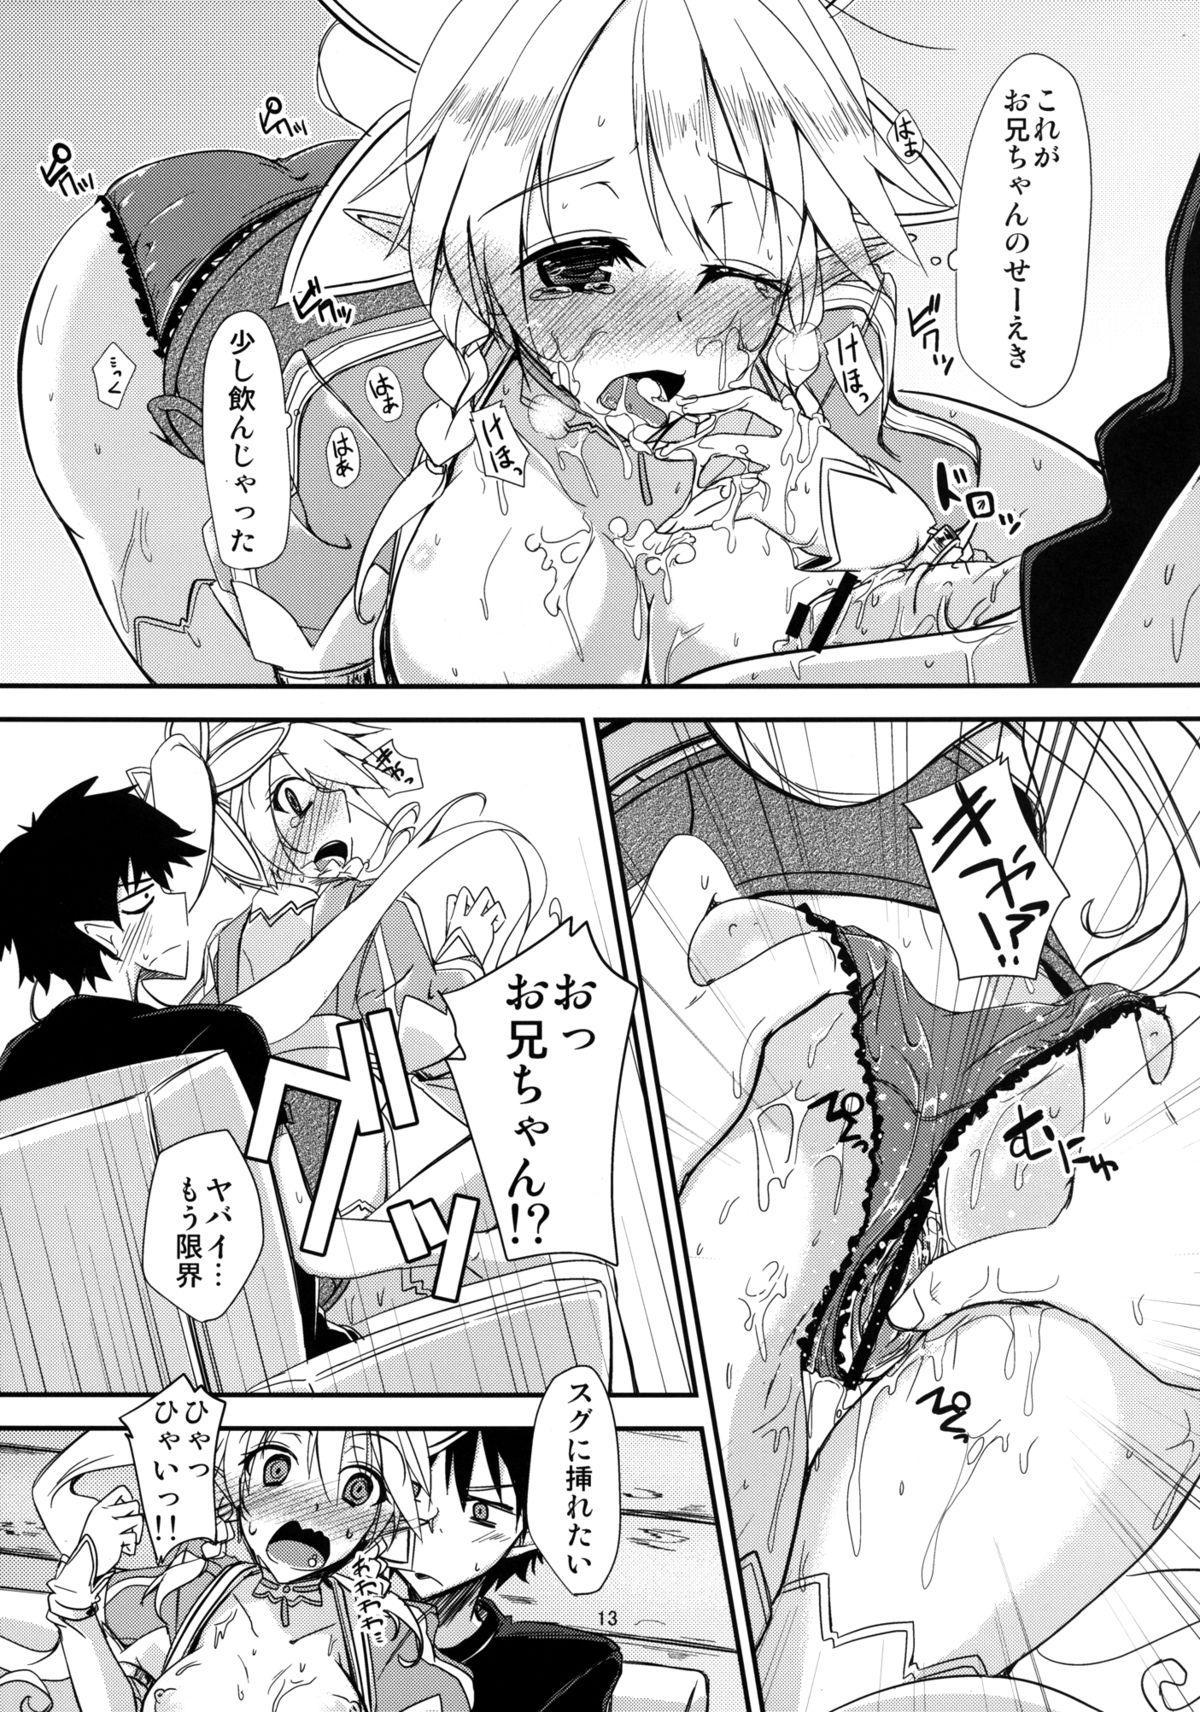 Aitsu ni Lyfa ga Oomori no Biyaku o Moru Hon 13